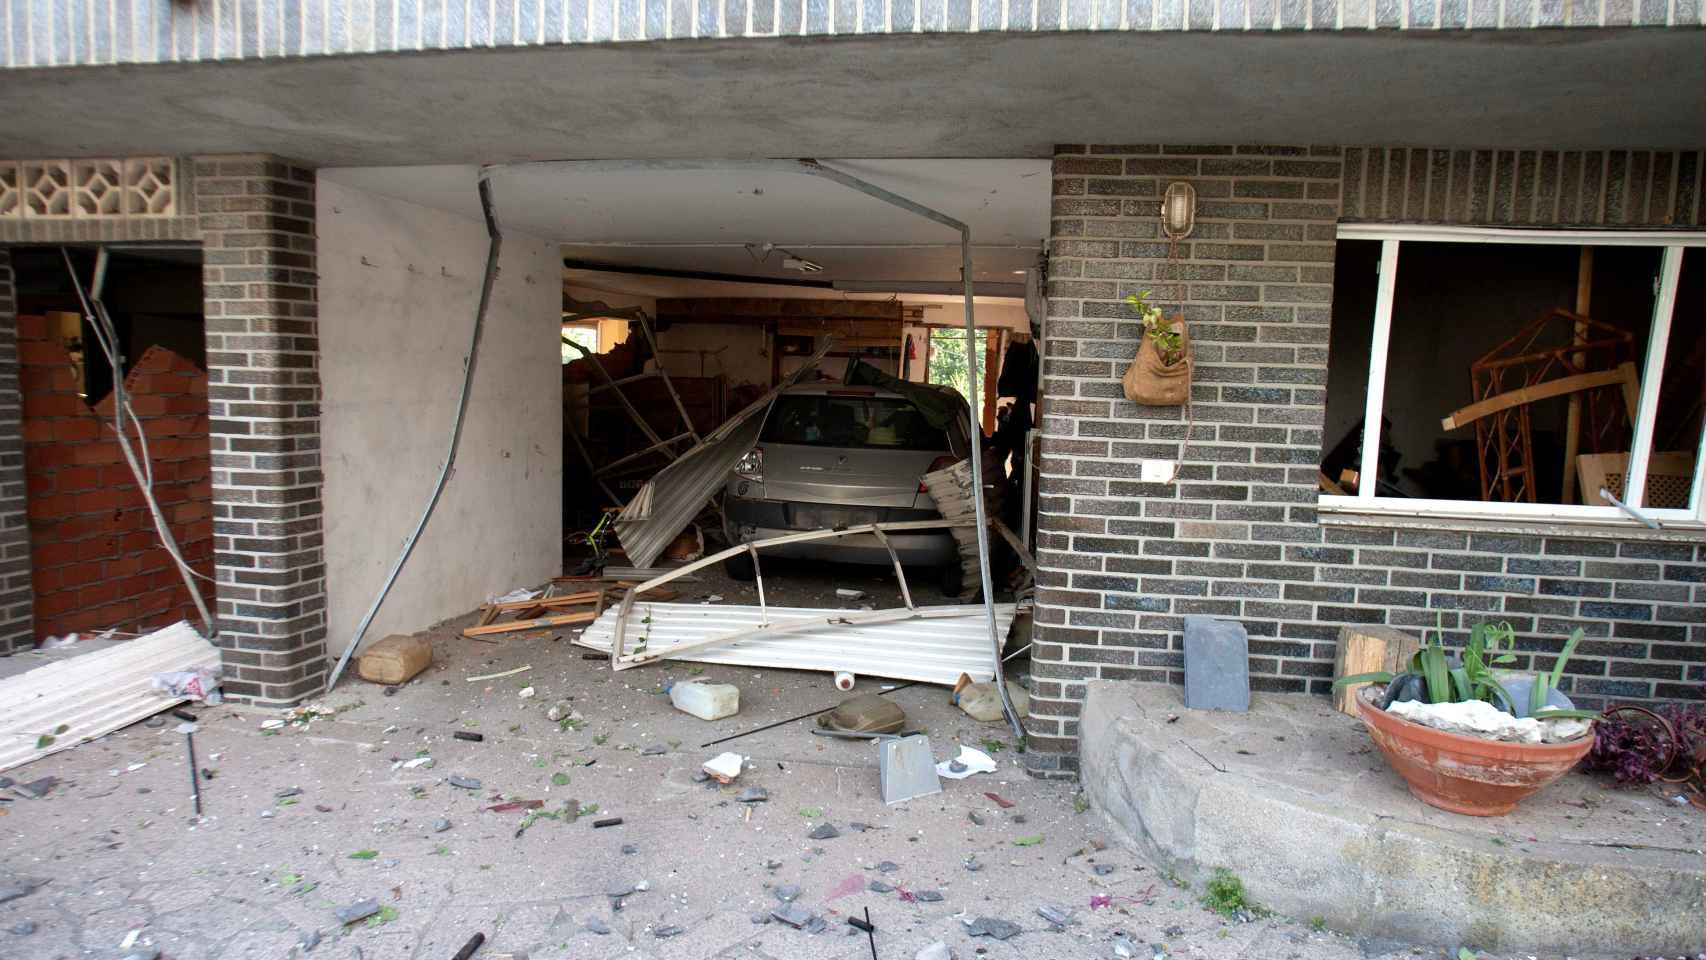 Las casas más cercanas a la zona cero han sufrido daños importantes.  / Efe